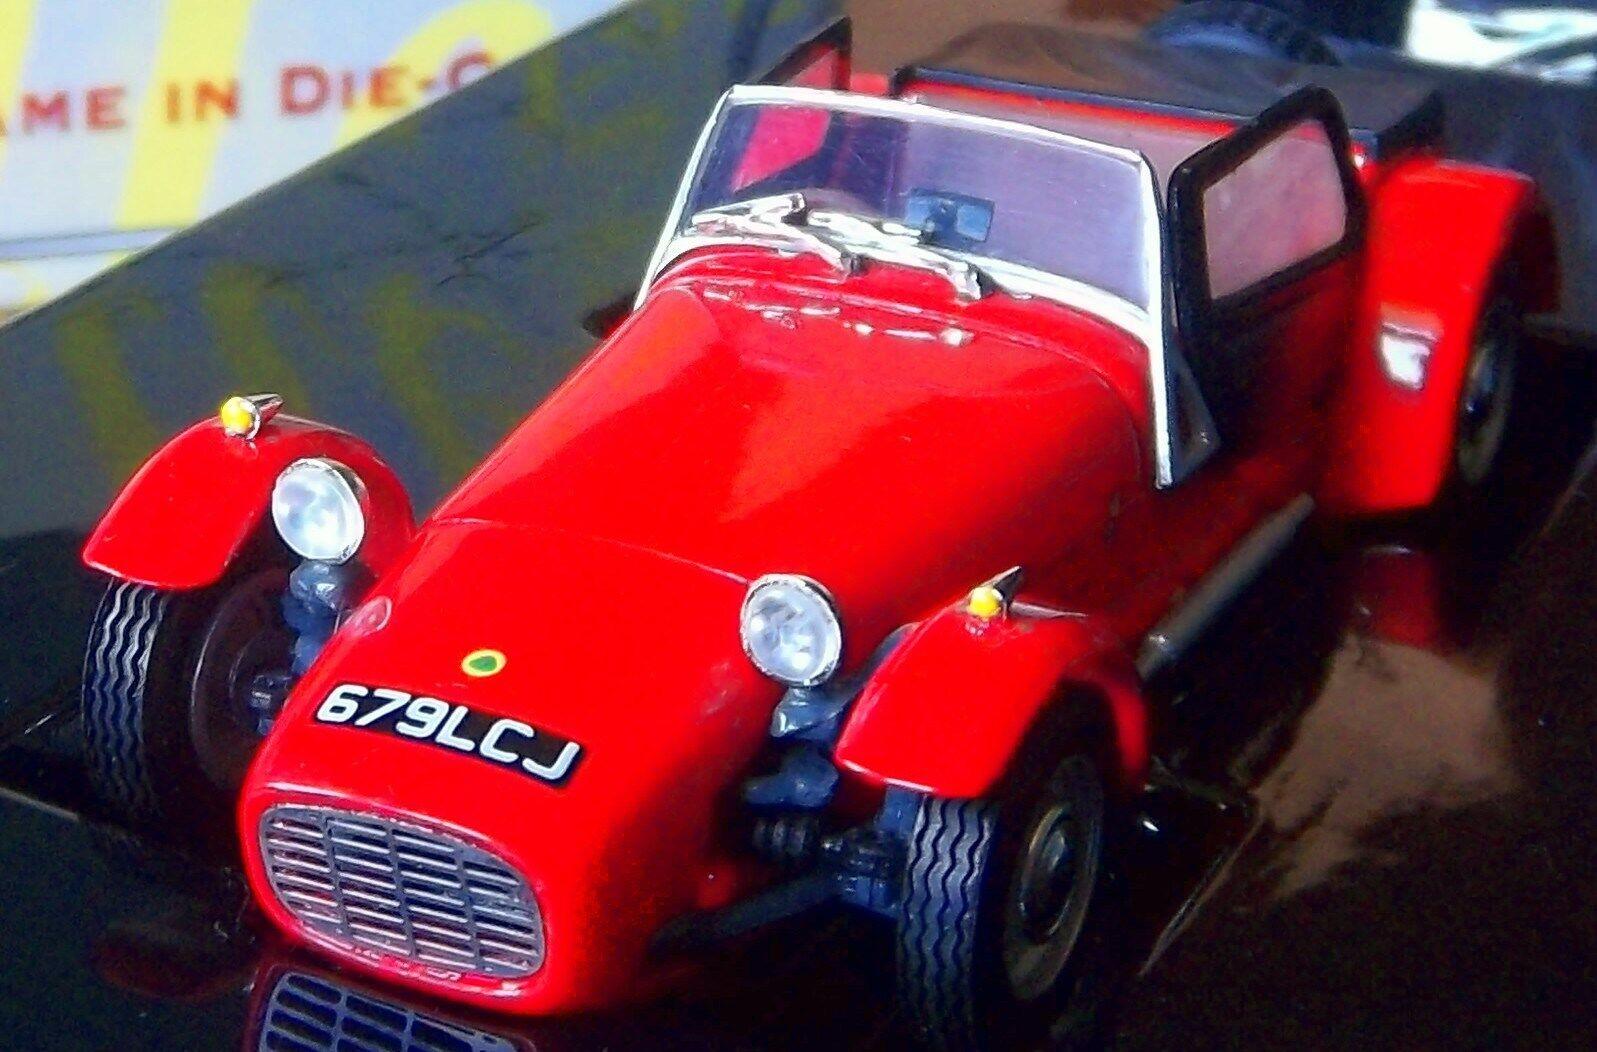 últimos estilos Un 61 Lotus Lotus Lotus 7 Dinky Rara Edición Limitada S1 Lotus siete Rojo Negro Lotus nla Lotus  autorización